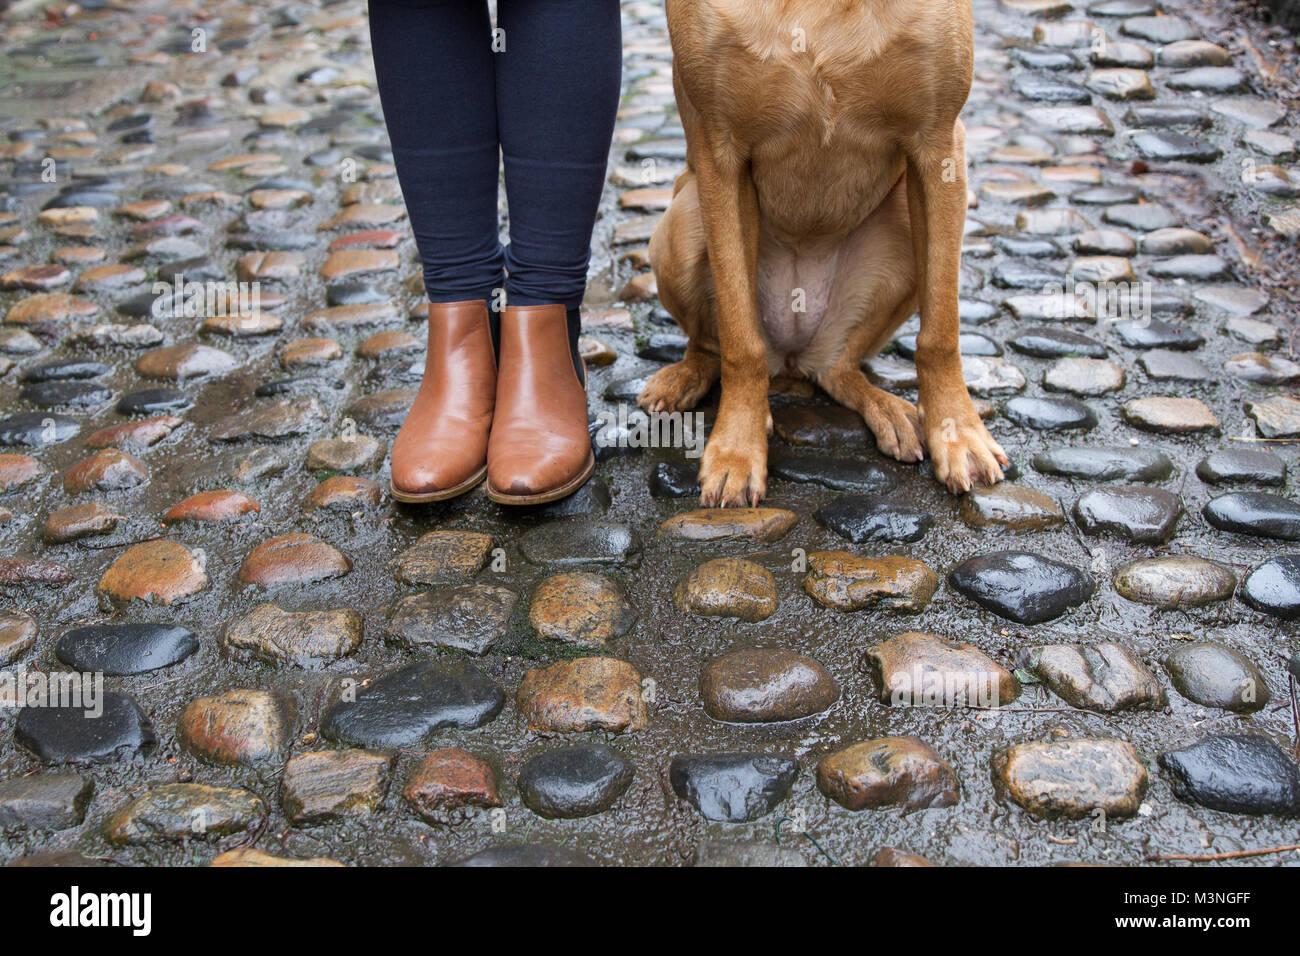 Une partie inférieure d'un point de vue mode femme en bottes marron avec son animal de compagnie Labrador Photo Stock